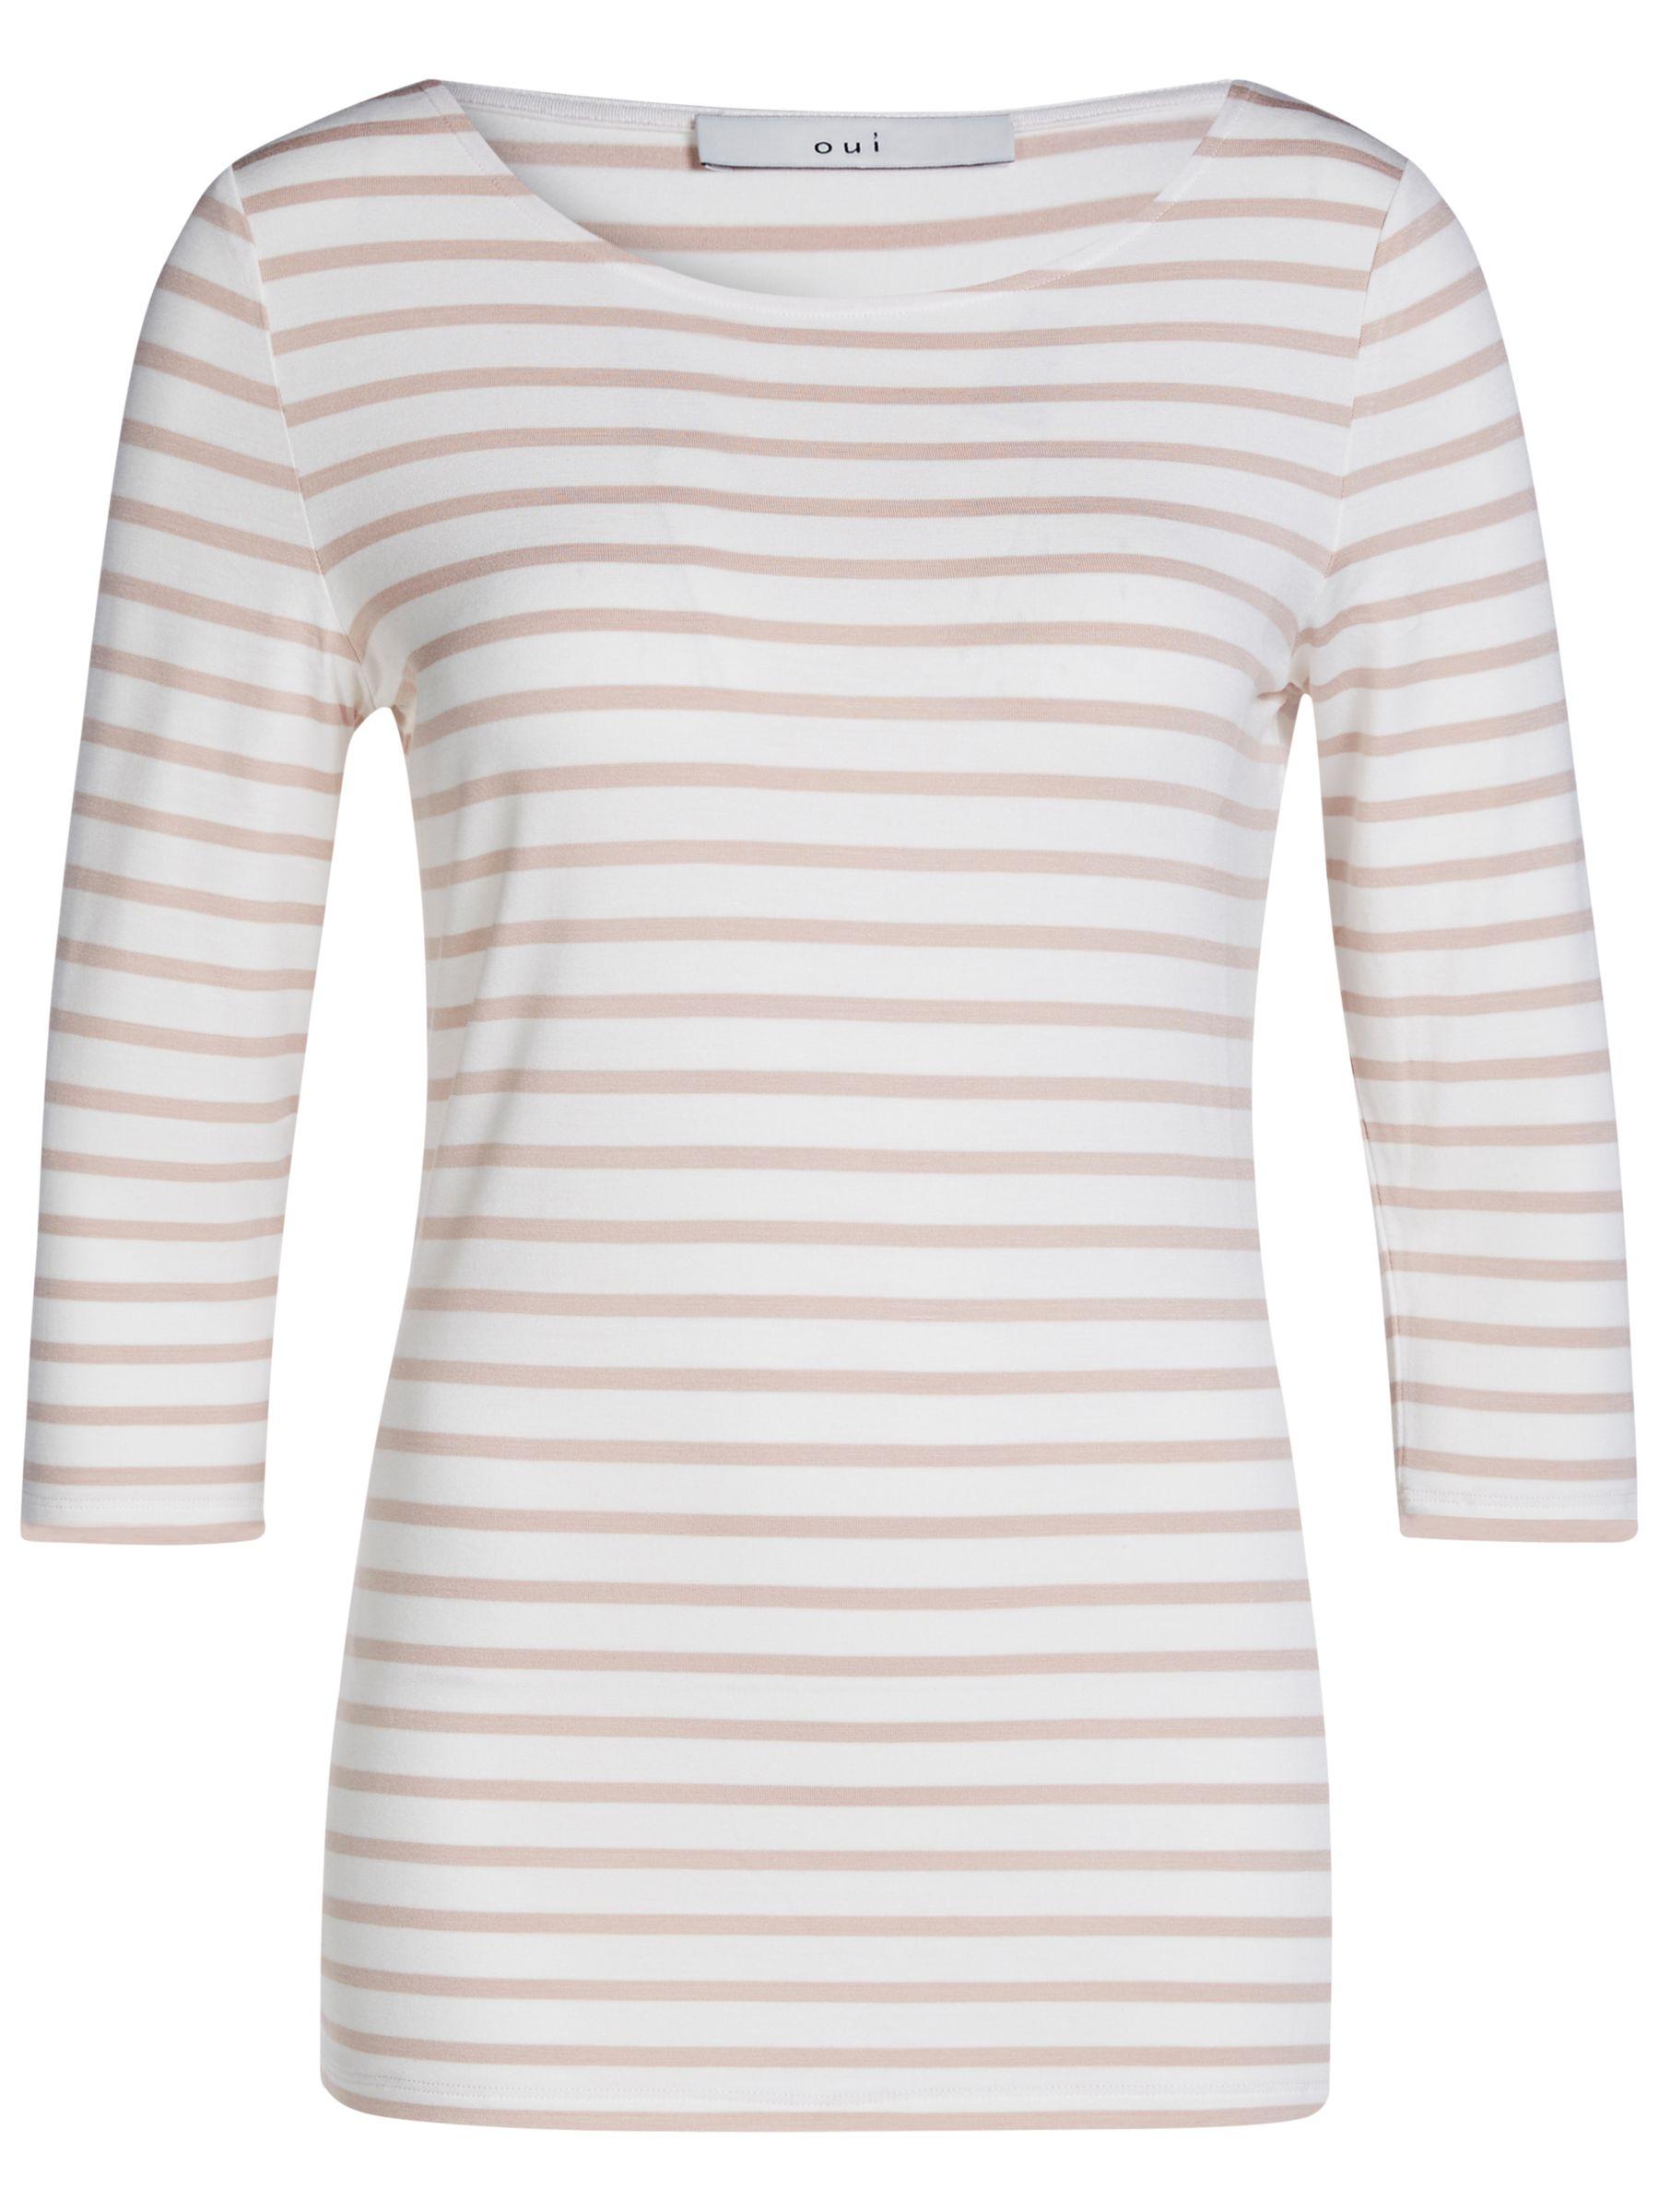 Oui Oui Stripe T-Shirt